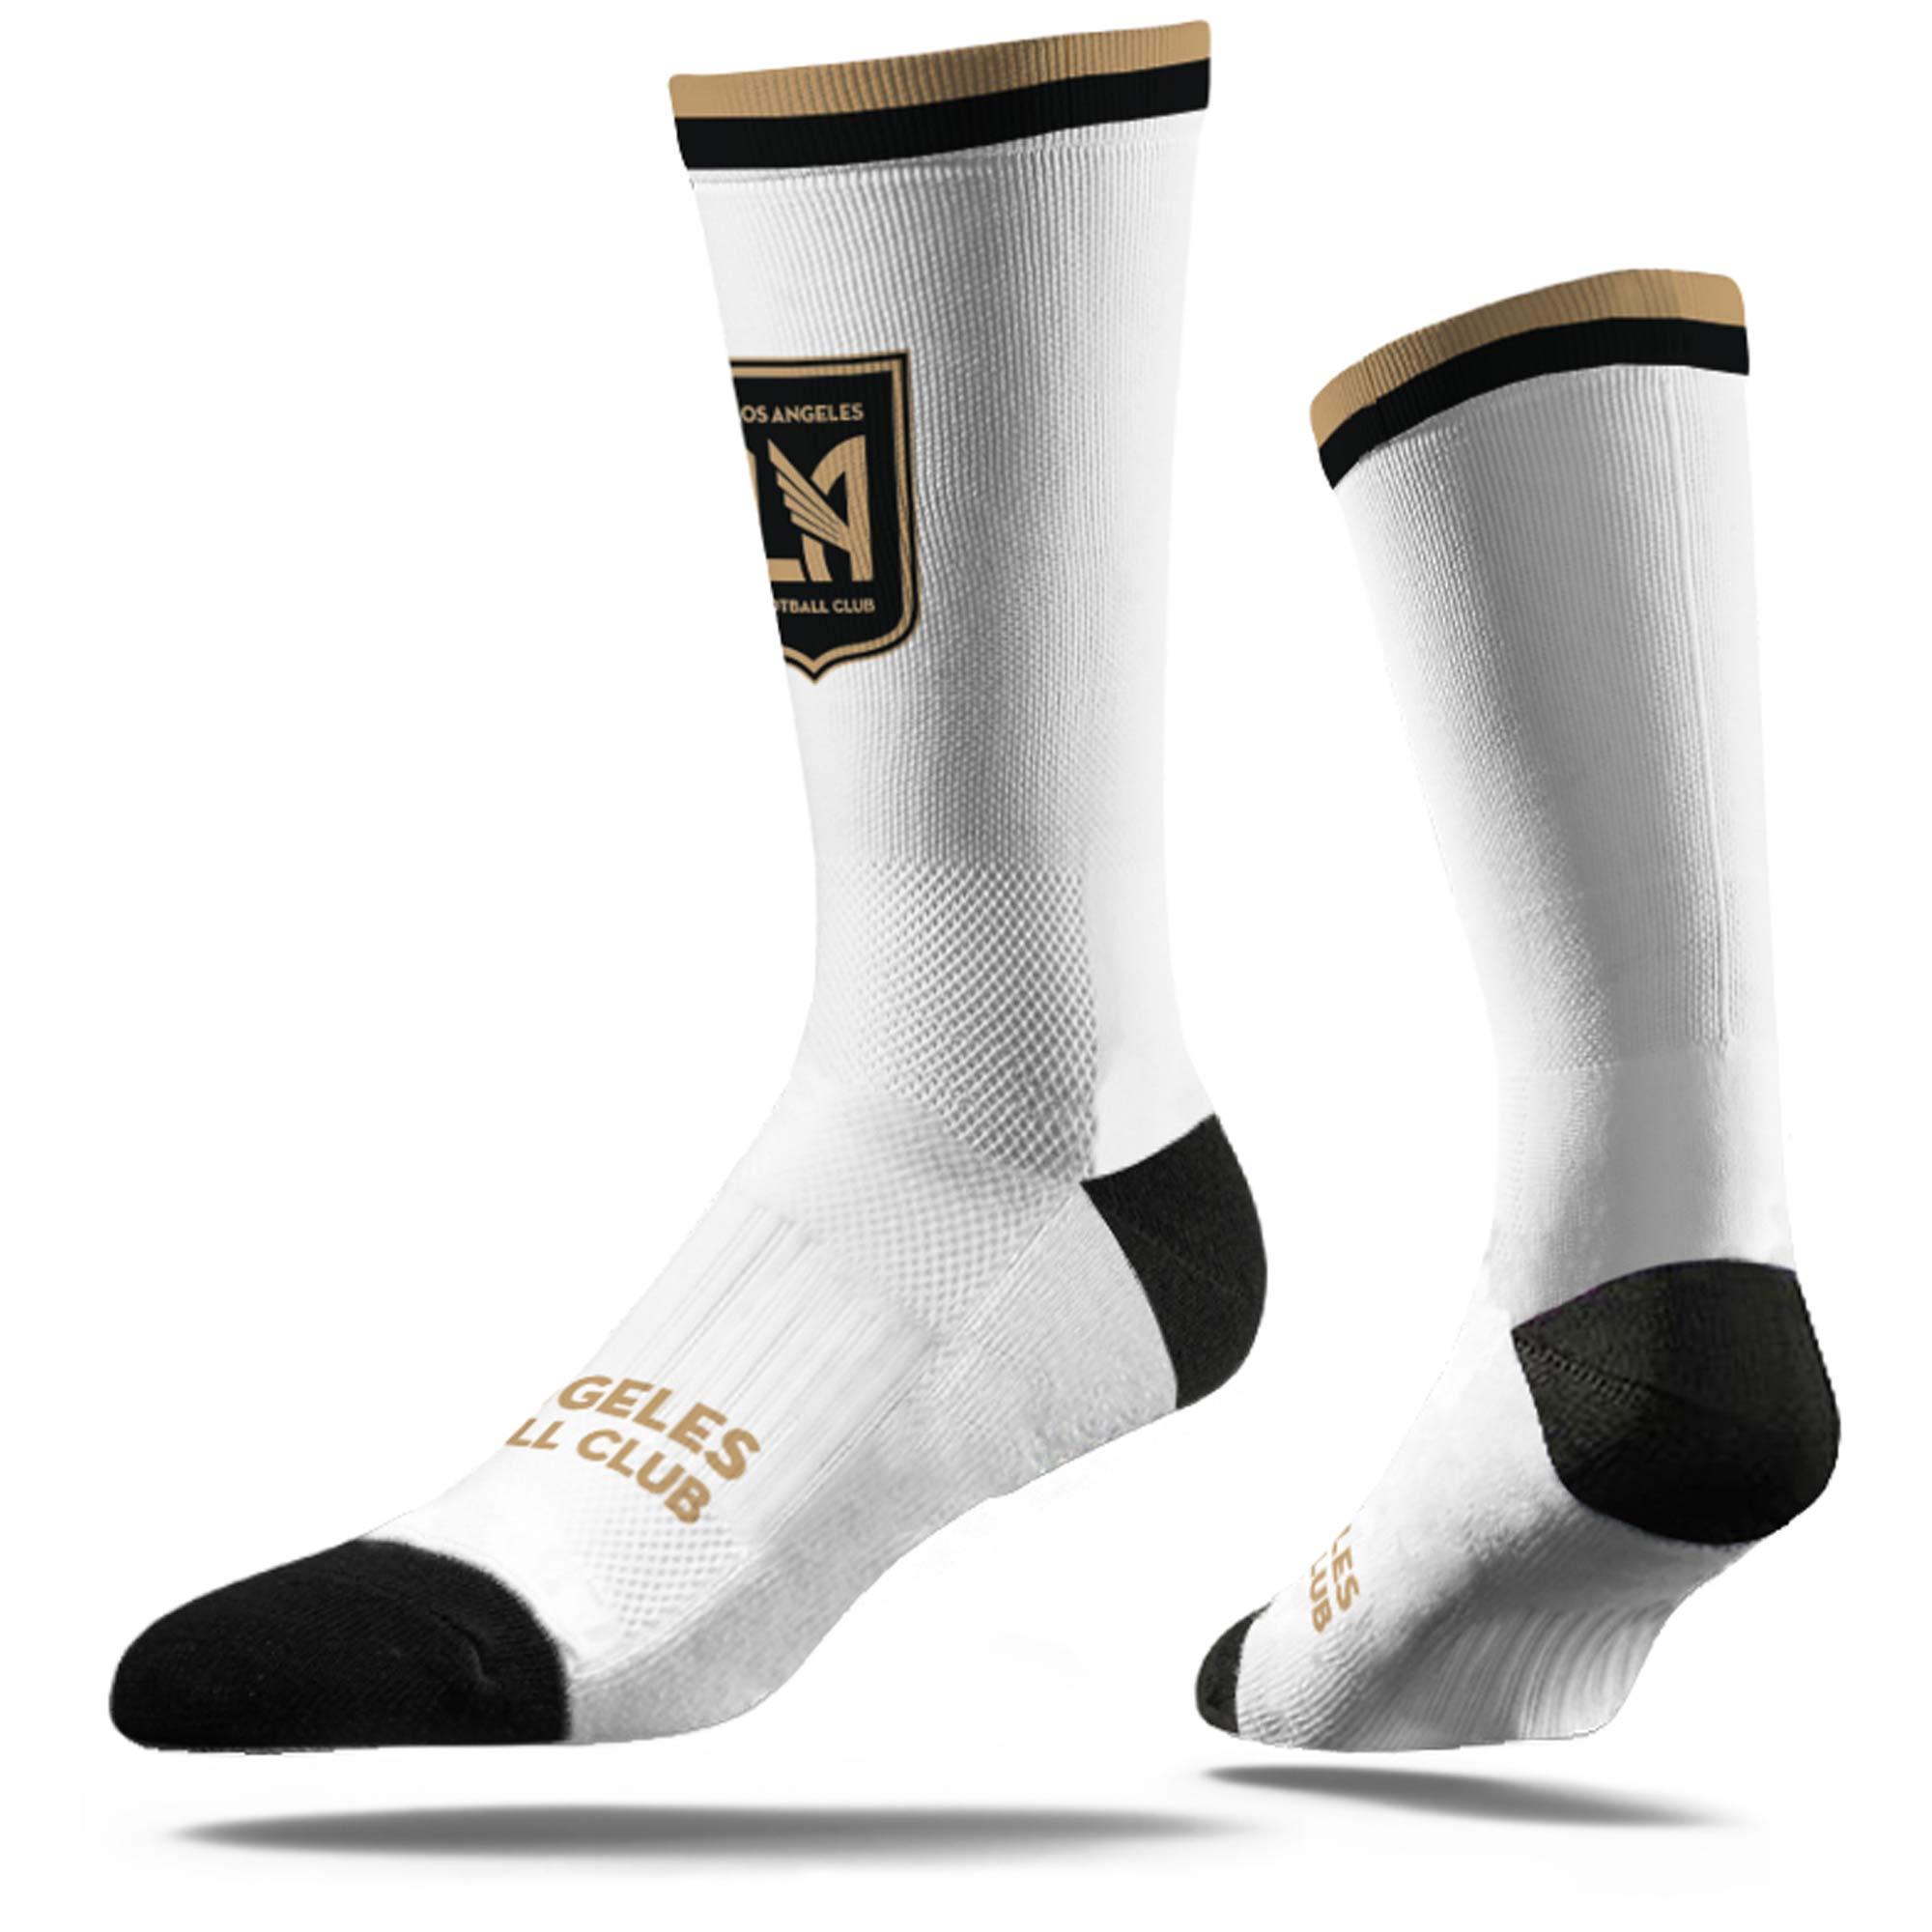 LAFC Dress Socks - White - M/L